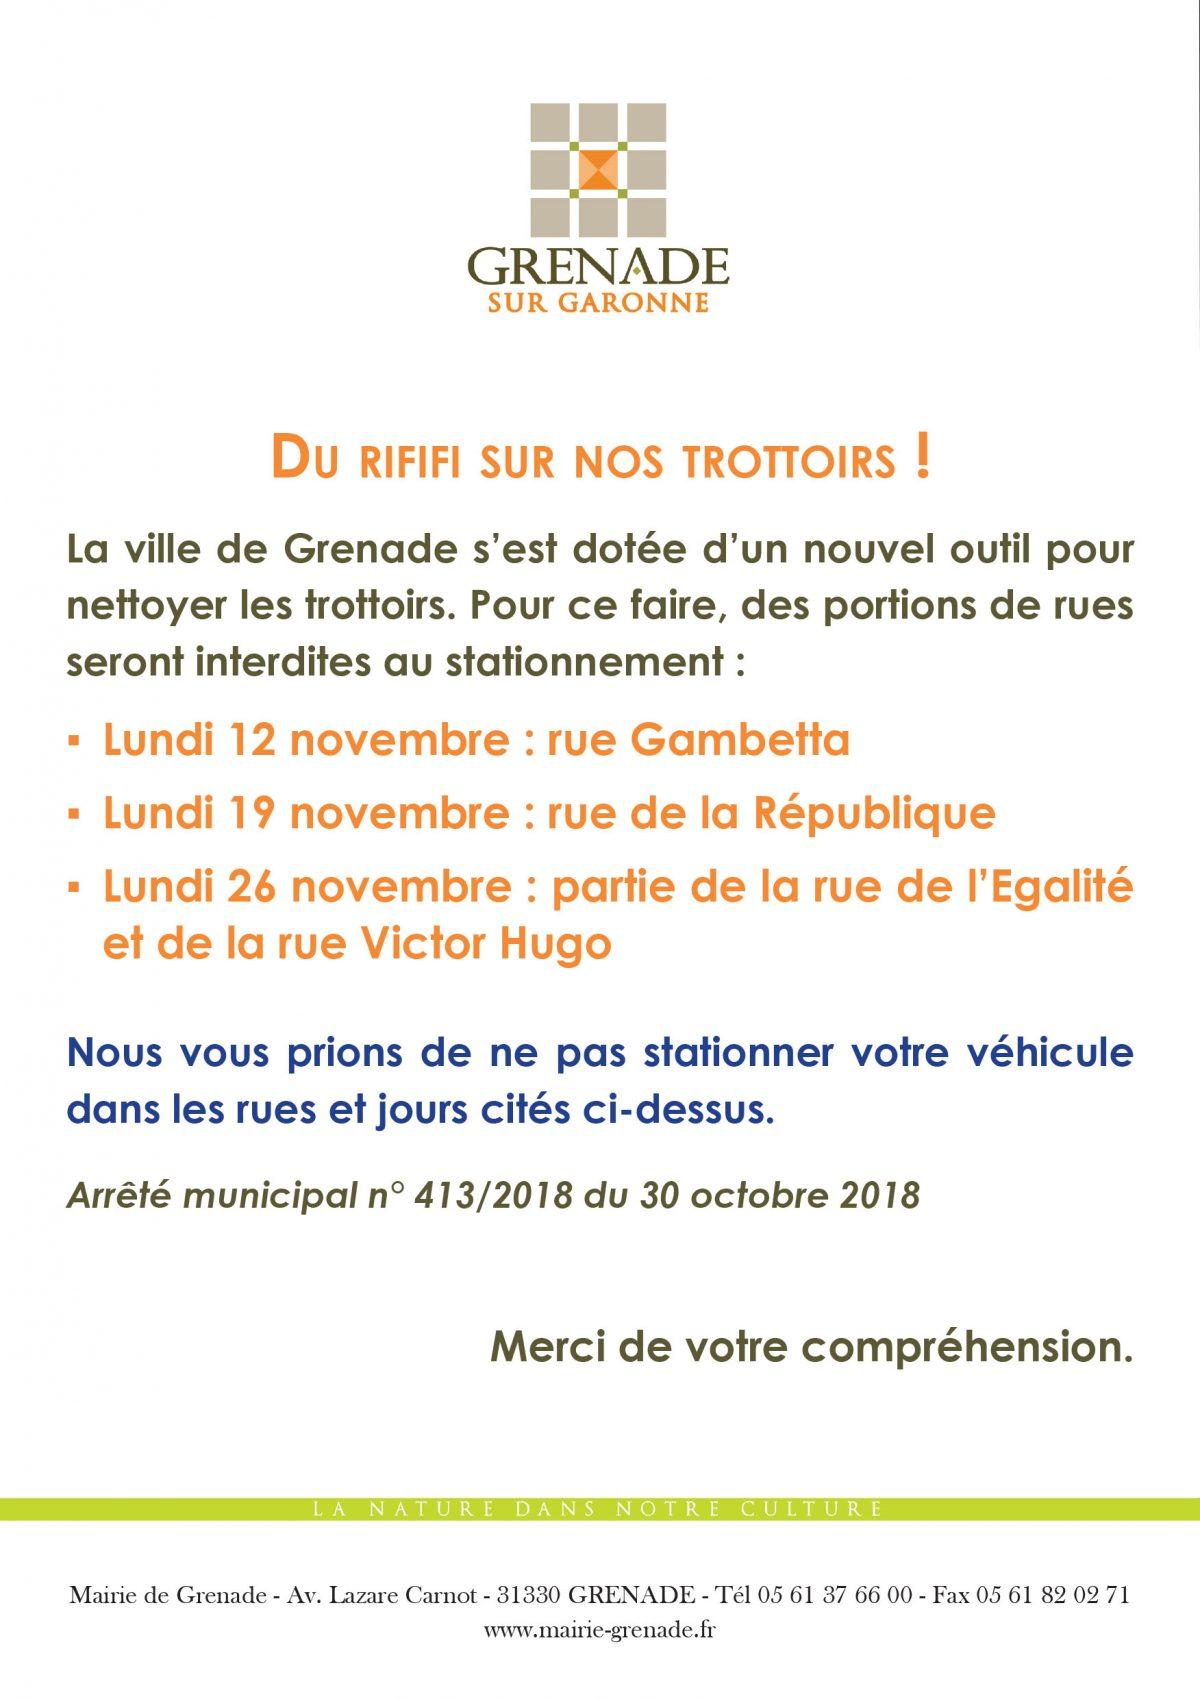 Stationnement interdit : 12, 19 et 26 novembre